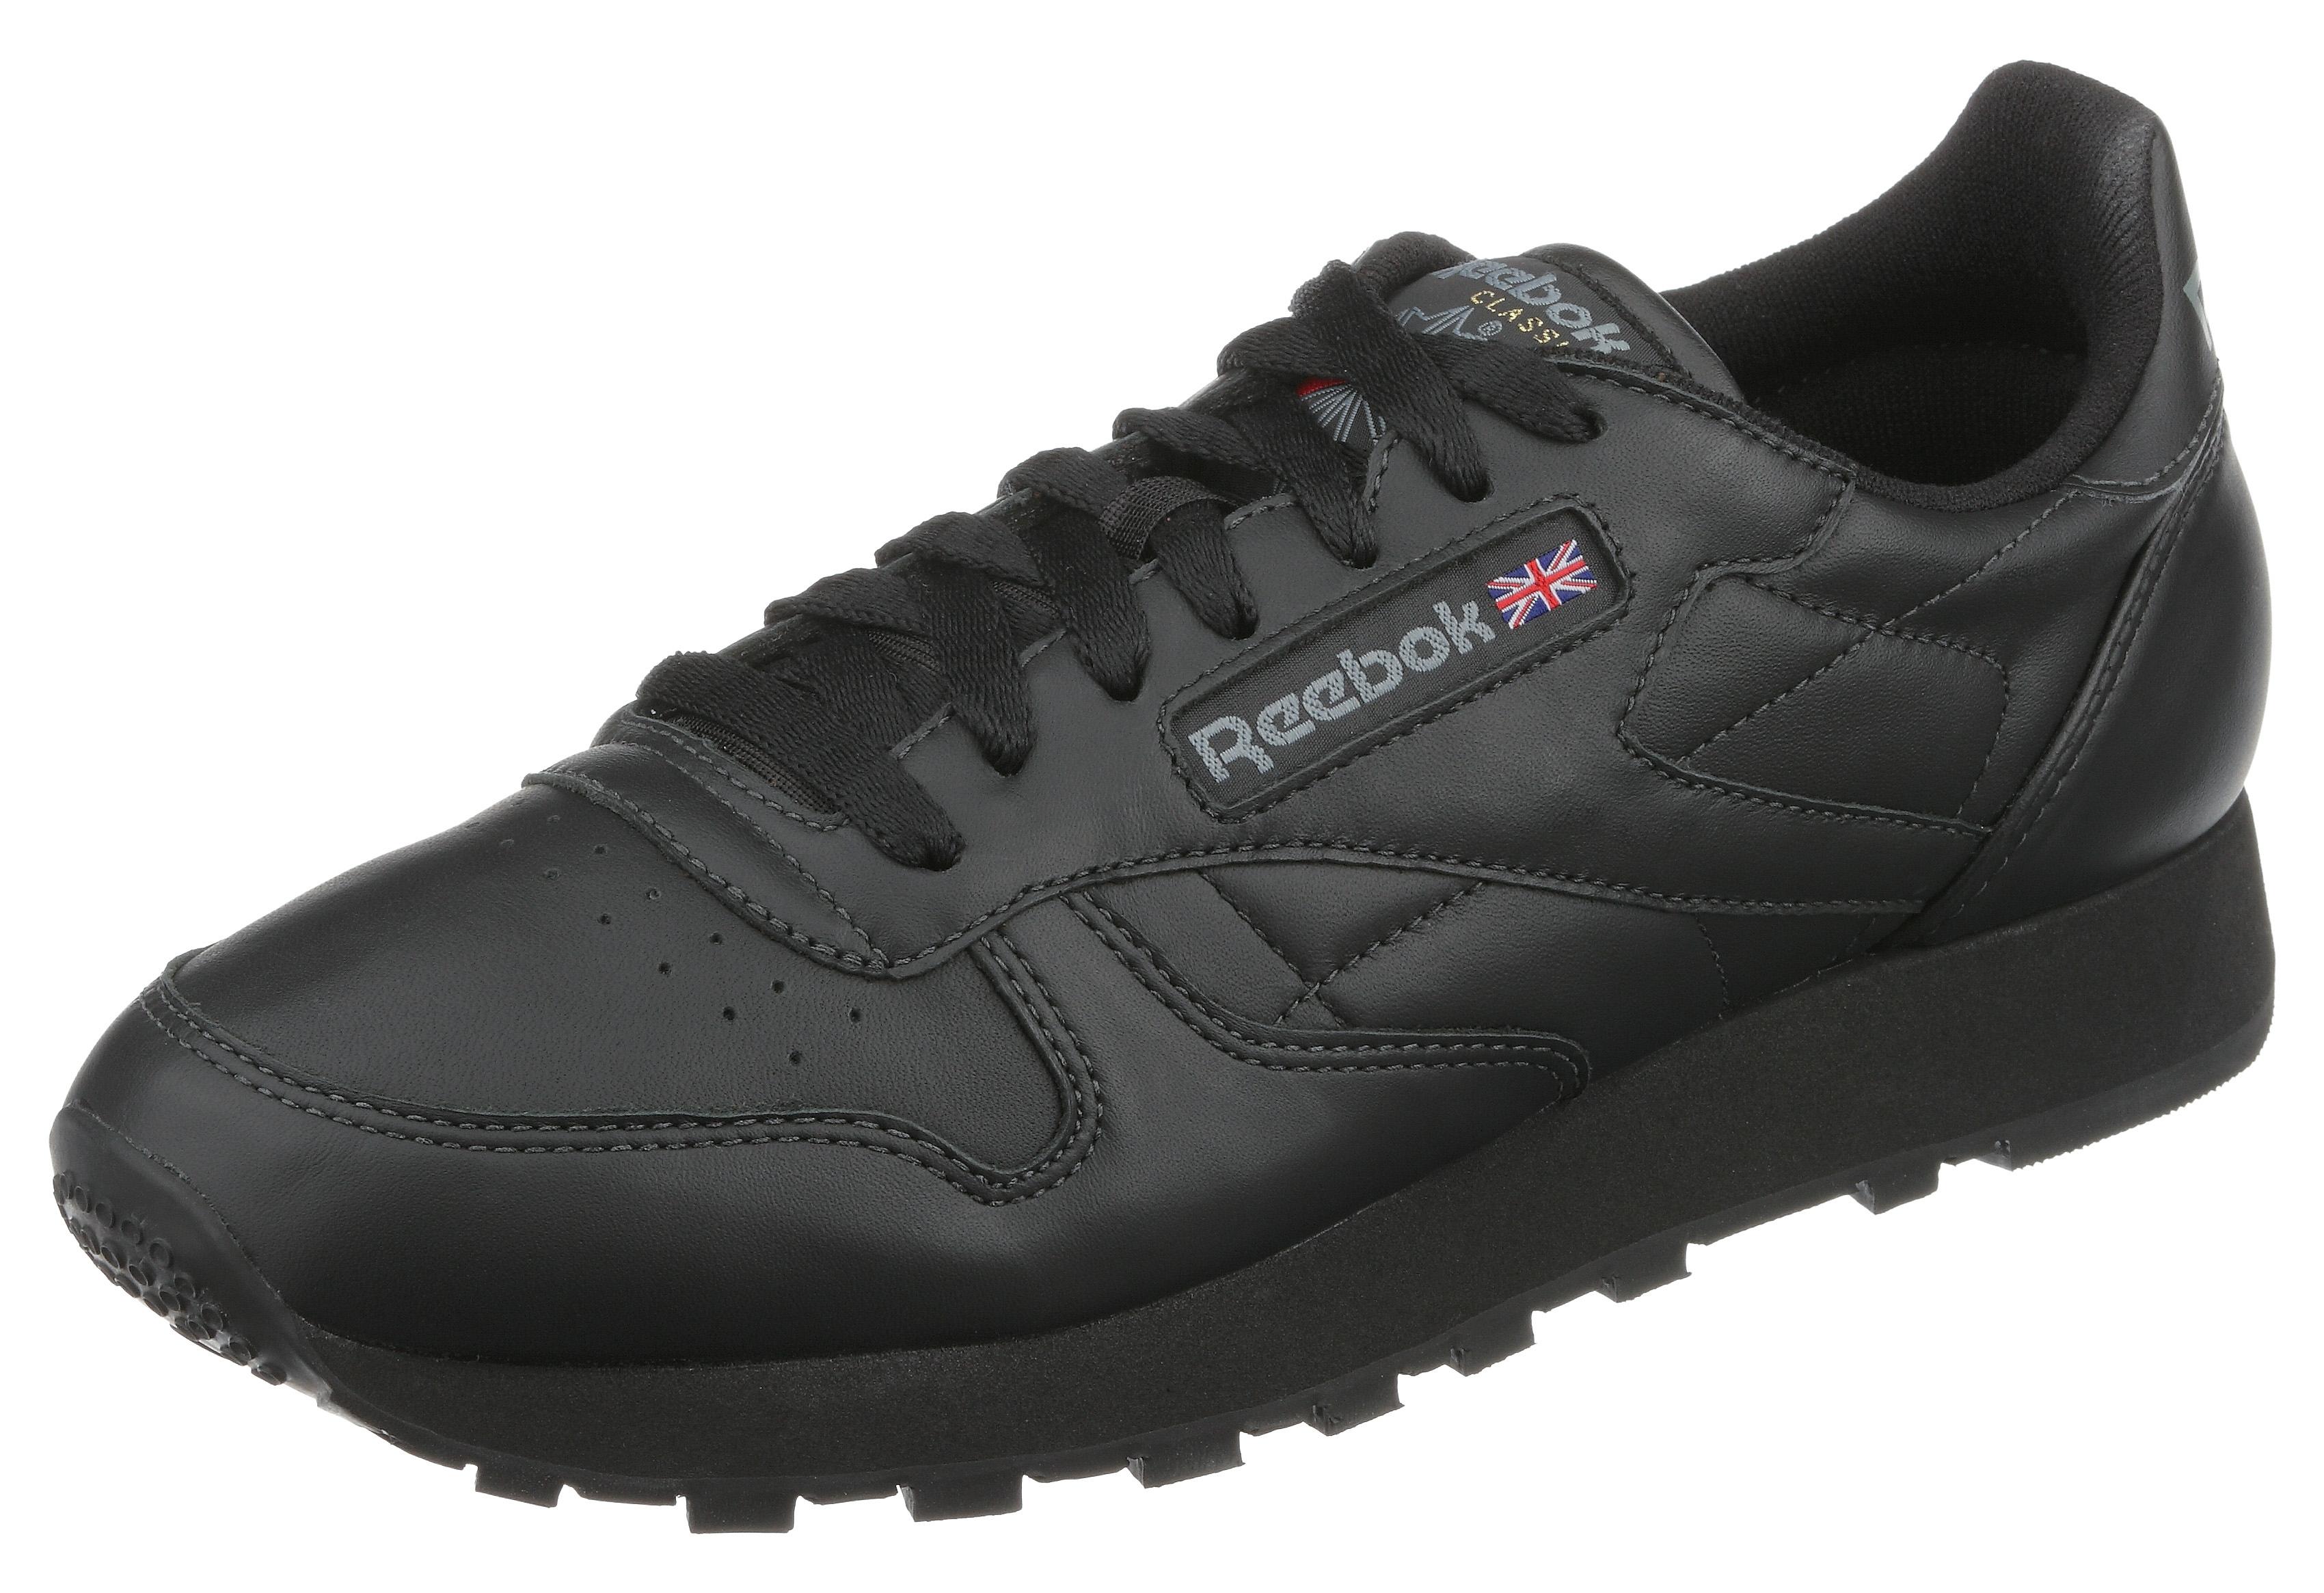 Reebok Classic Reebok vrijetijdsschoenen 'Classic Leather' veilig op otto.nl kopen